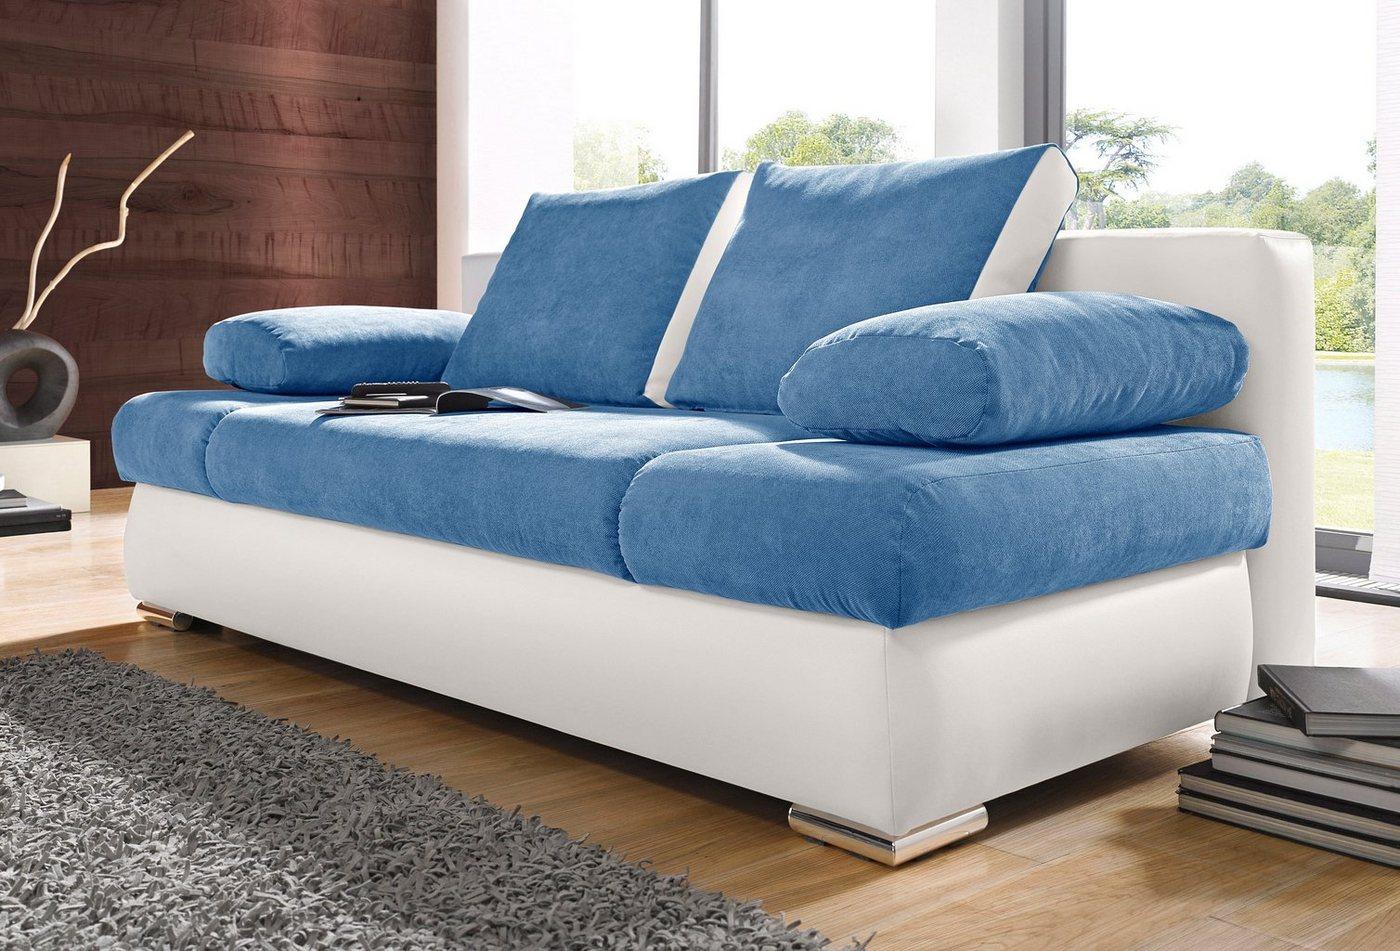 schlafsofa federkern preisvergleiche erfahrungsberichte. Black Bedroom Furniture Sets. Home Design Ideas